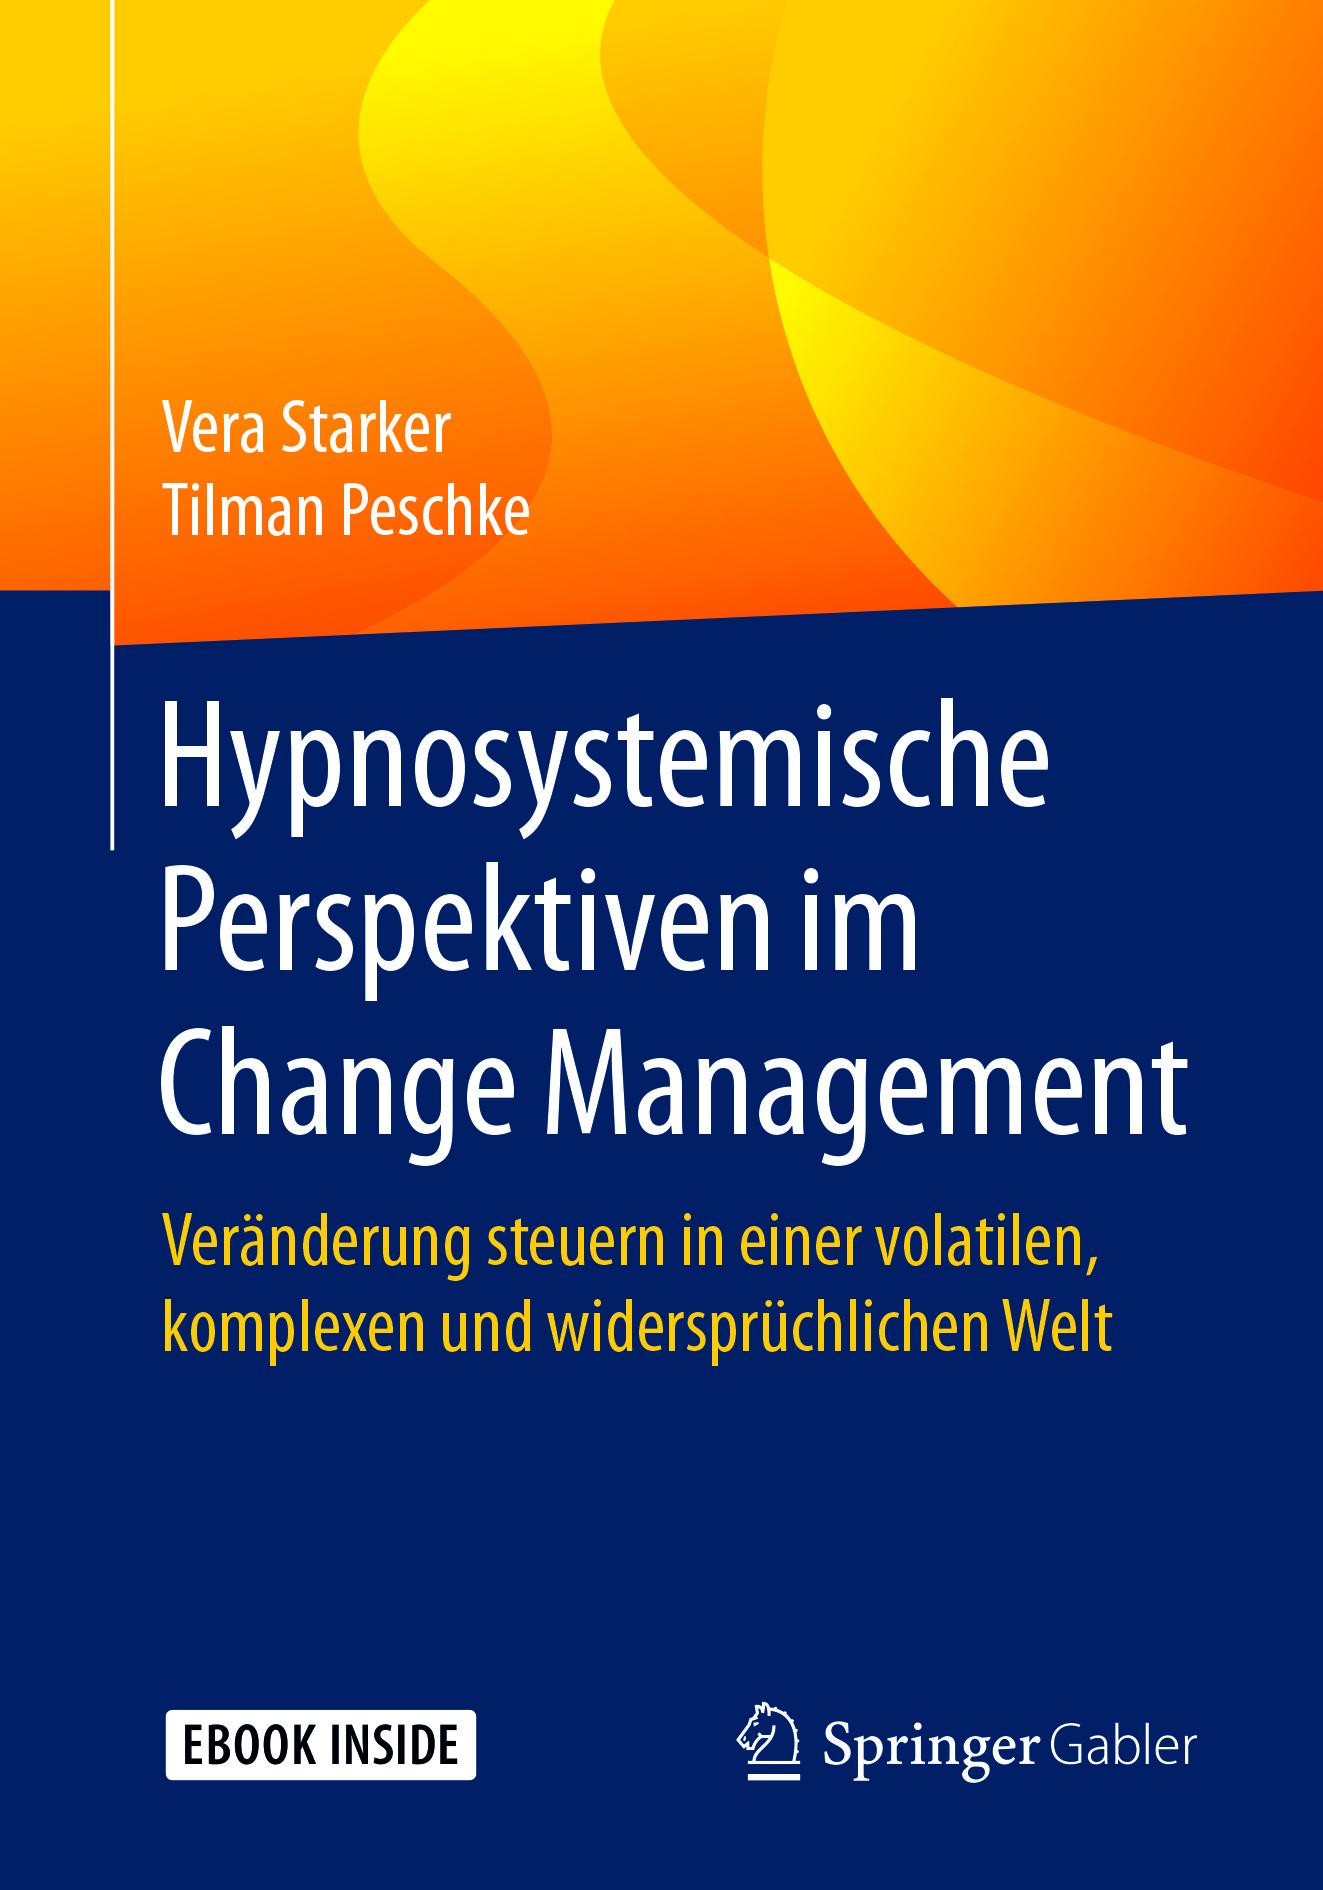 Peschke, Tilman - Hypnosystemische Perspektiven im Change Management, ebook